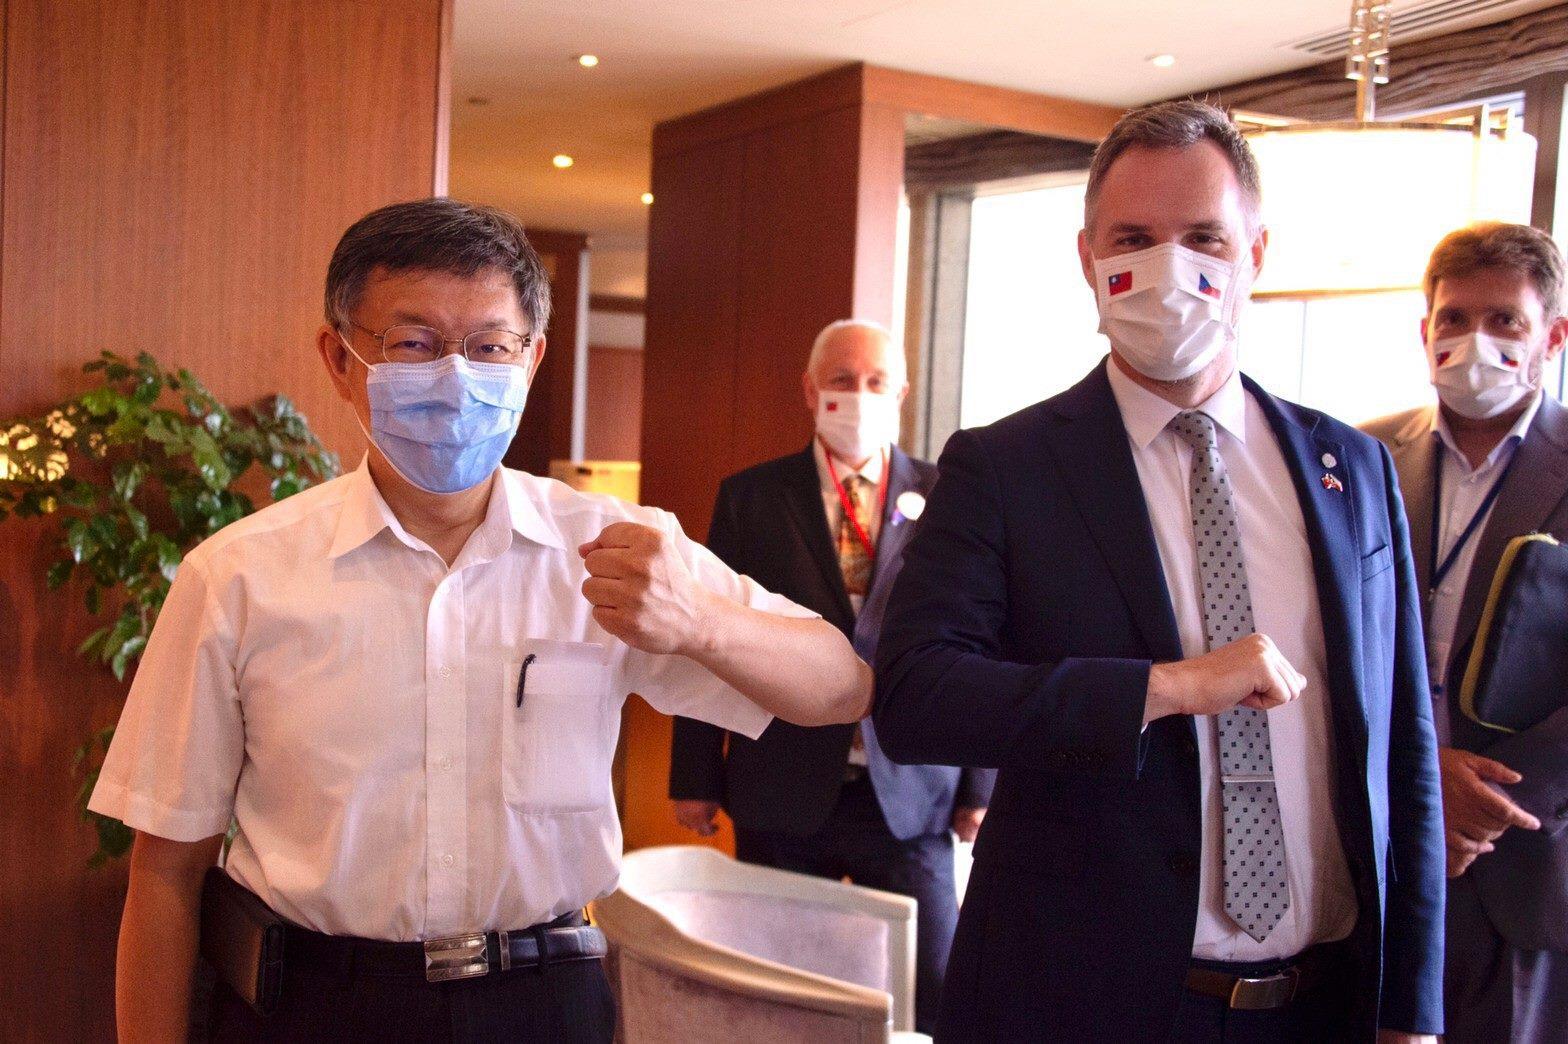 Mayor Ko met with Zdeněk Hřib, the mayor of Prague, Czech Republic